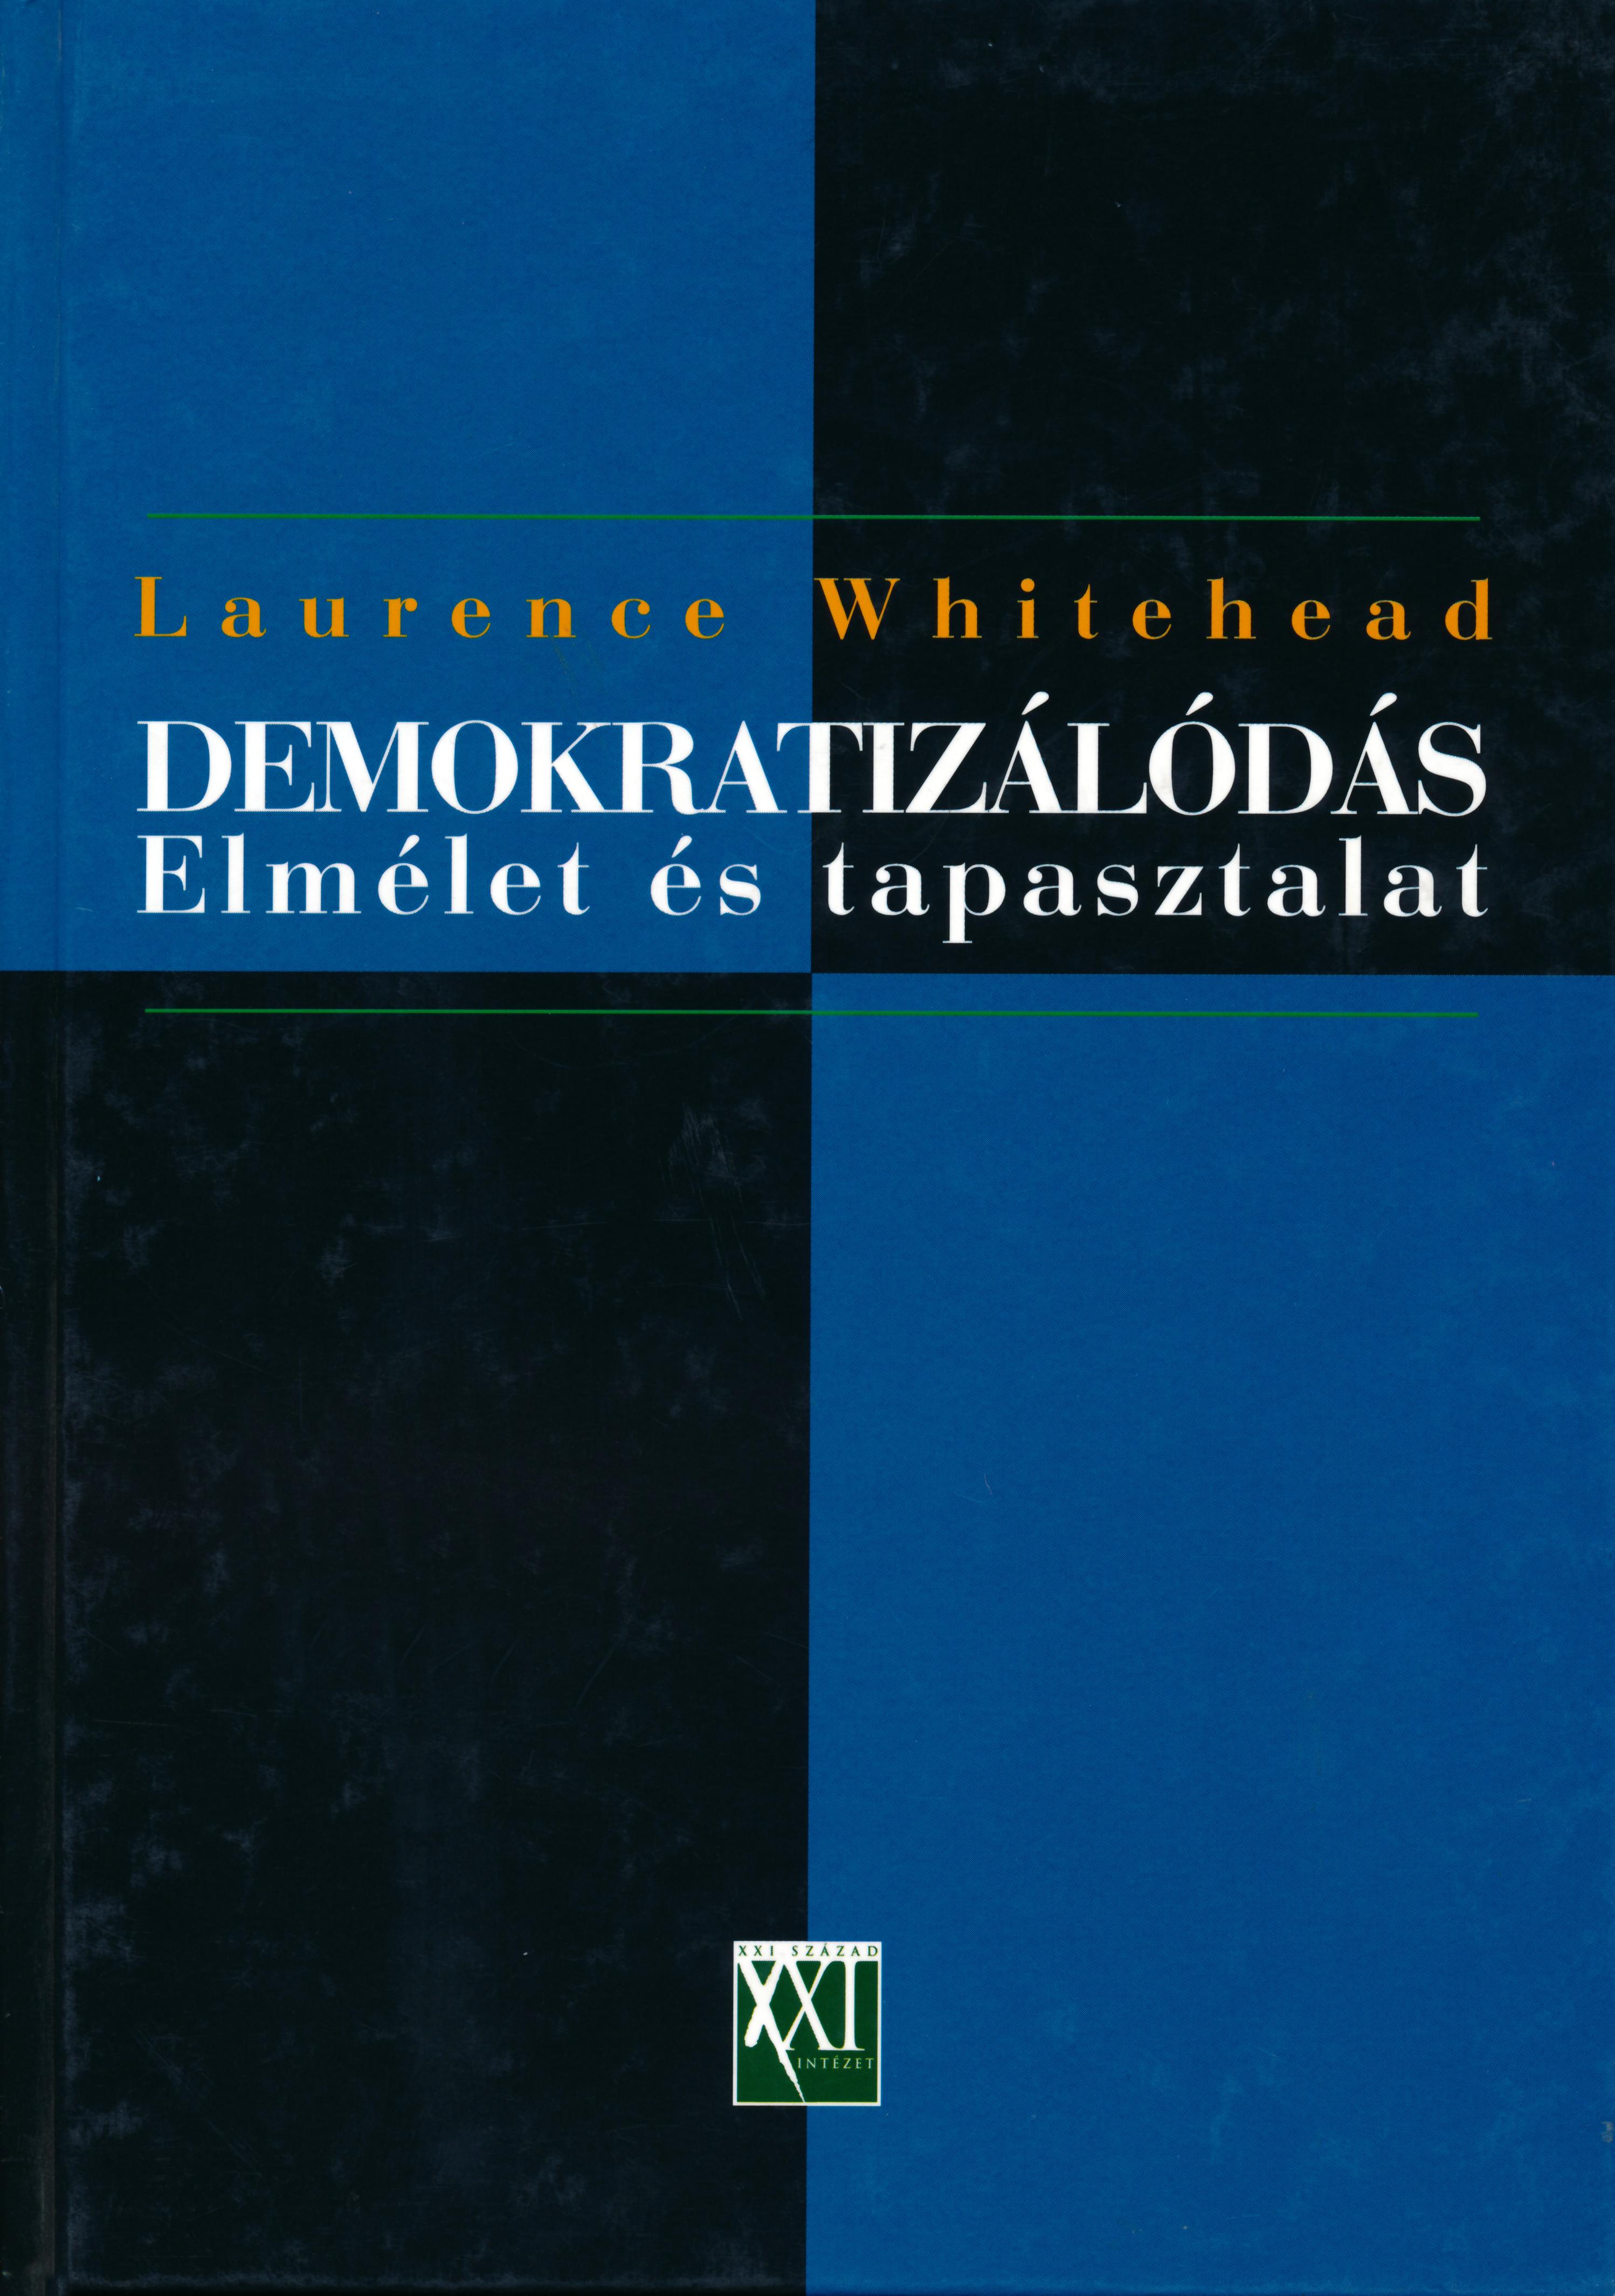 Demokratizálódás – Elmélet és tapasztalat